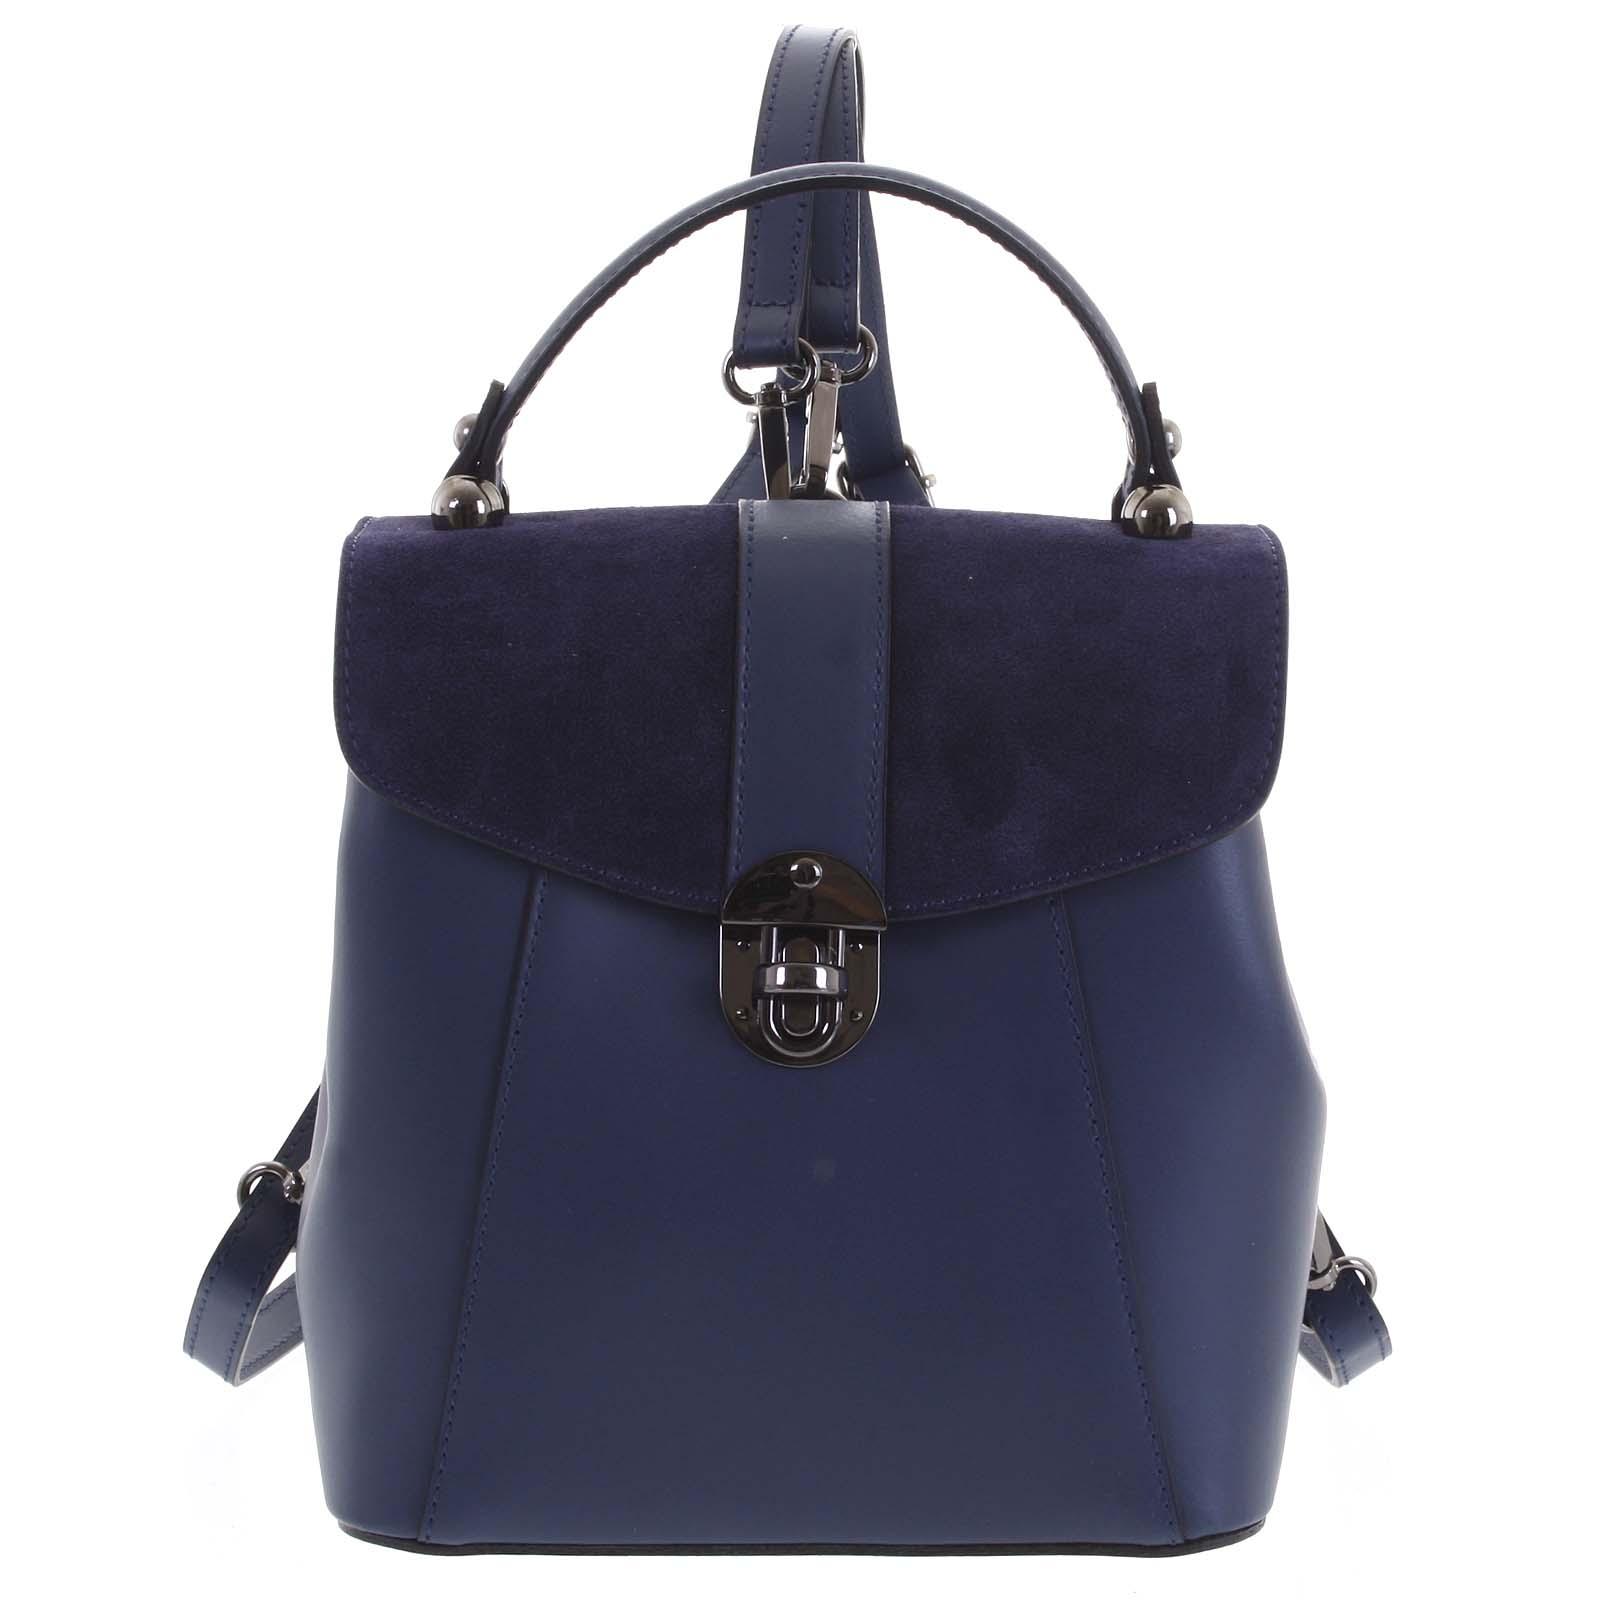 Dámsky originálne kožený temne modrý batôžtek / kabelka - ItalY Acnes tmavo modra